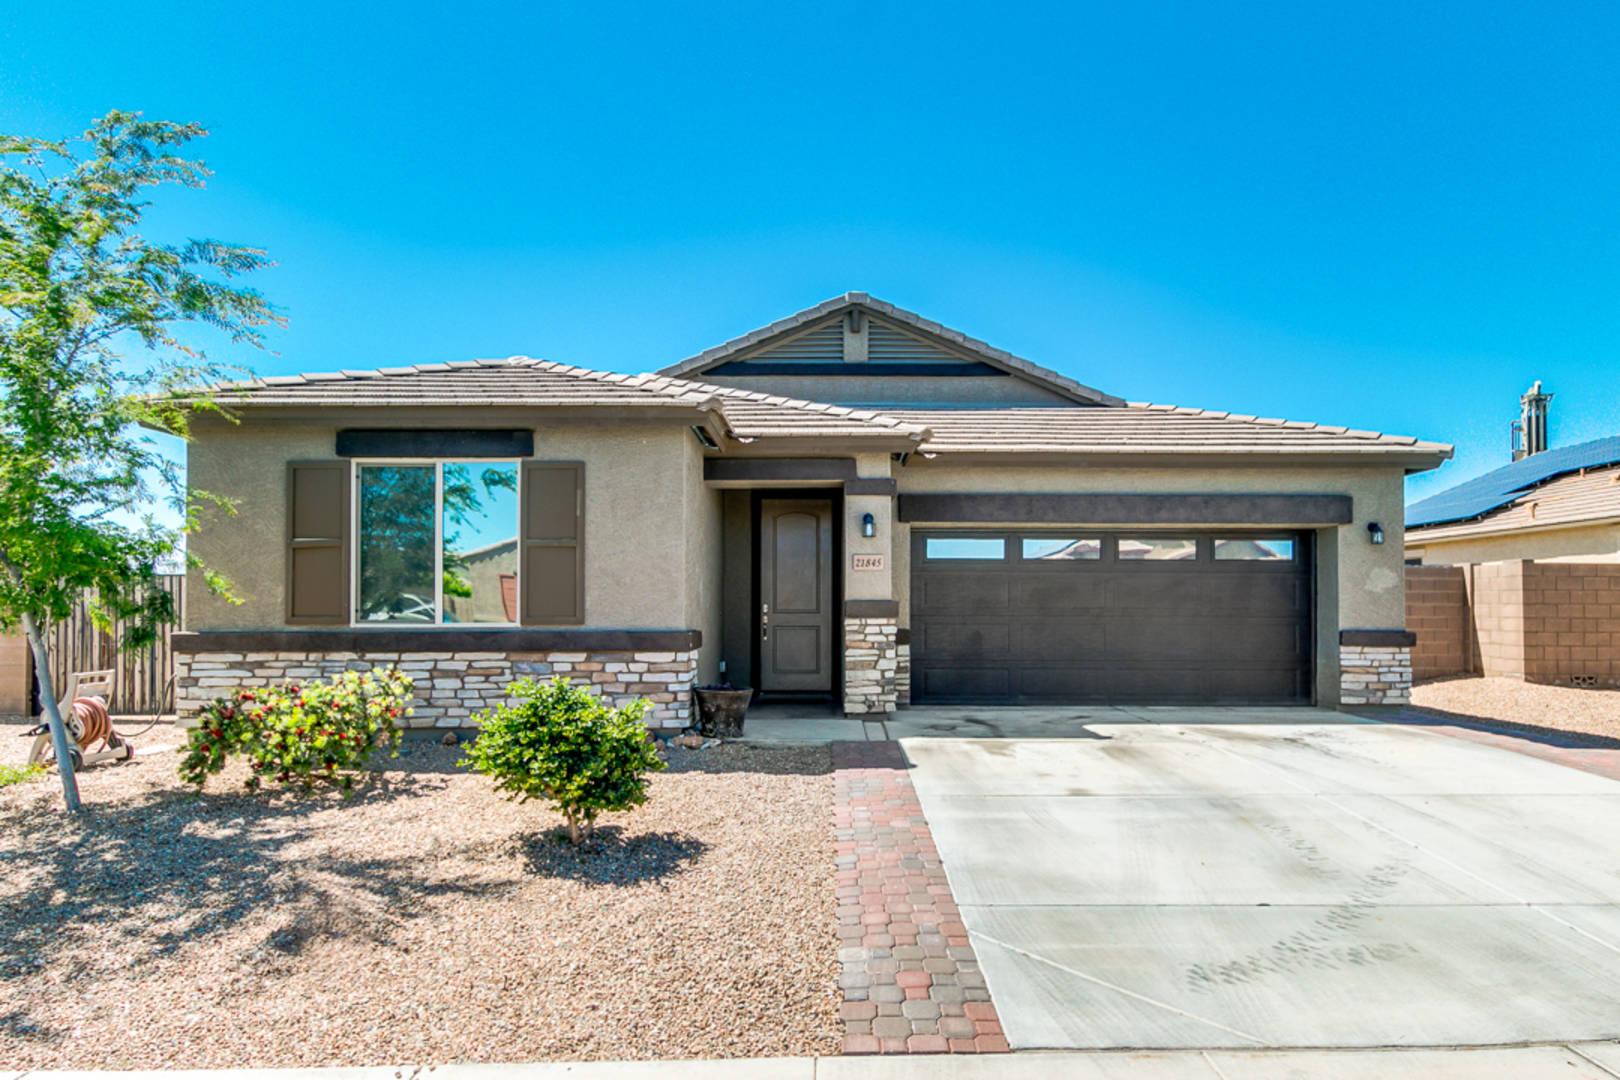 21845 W Hopi St  Buckeye, AZ 85326